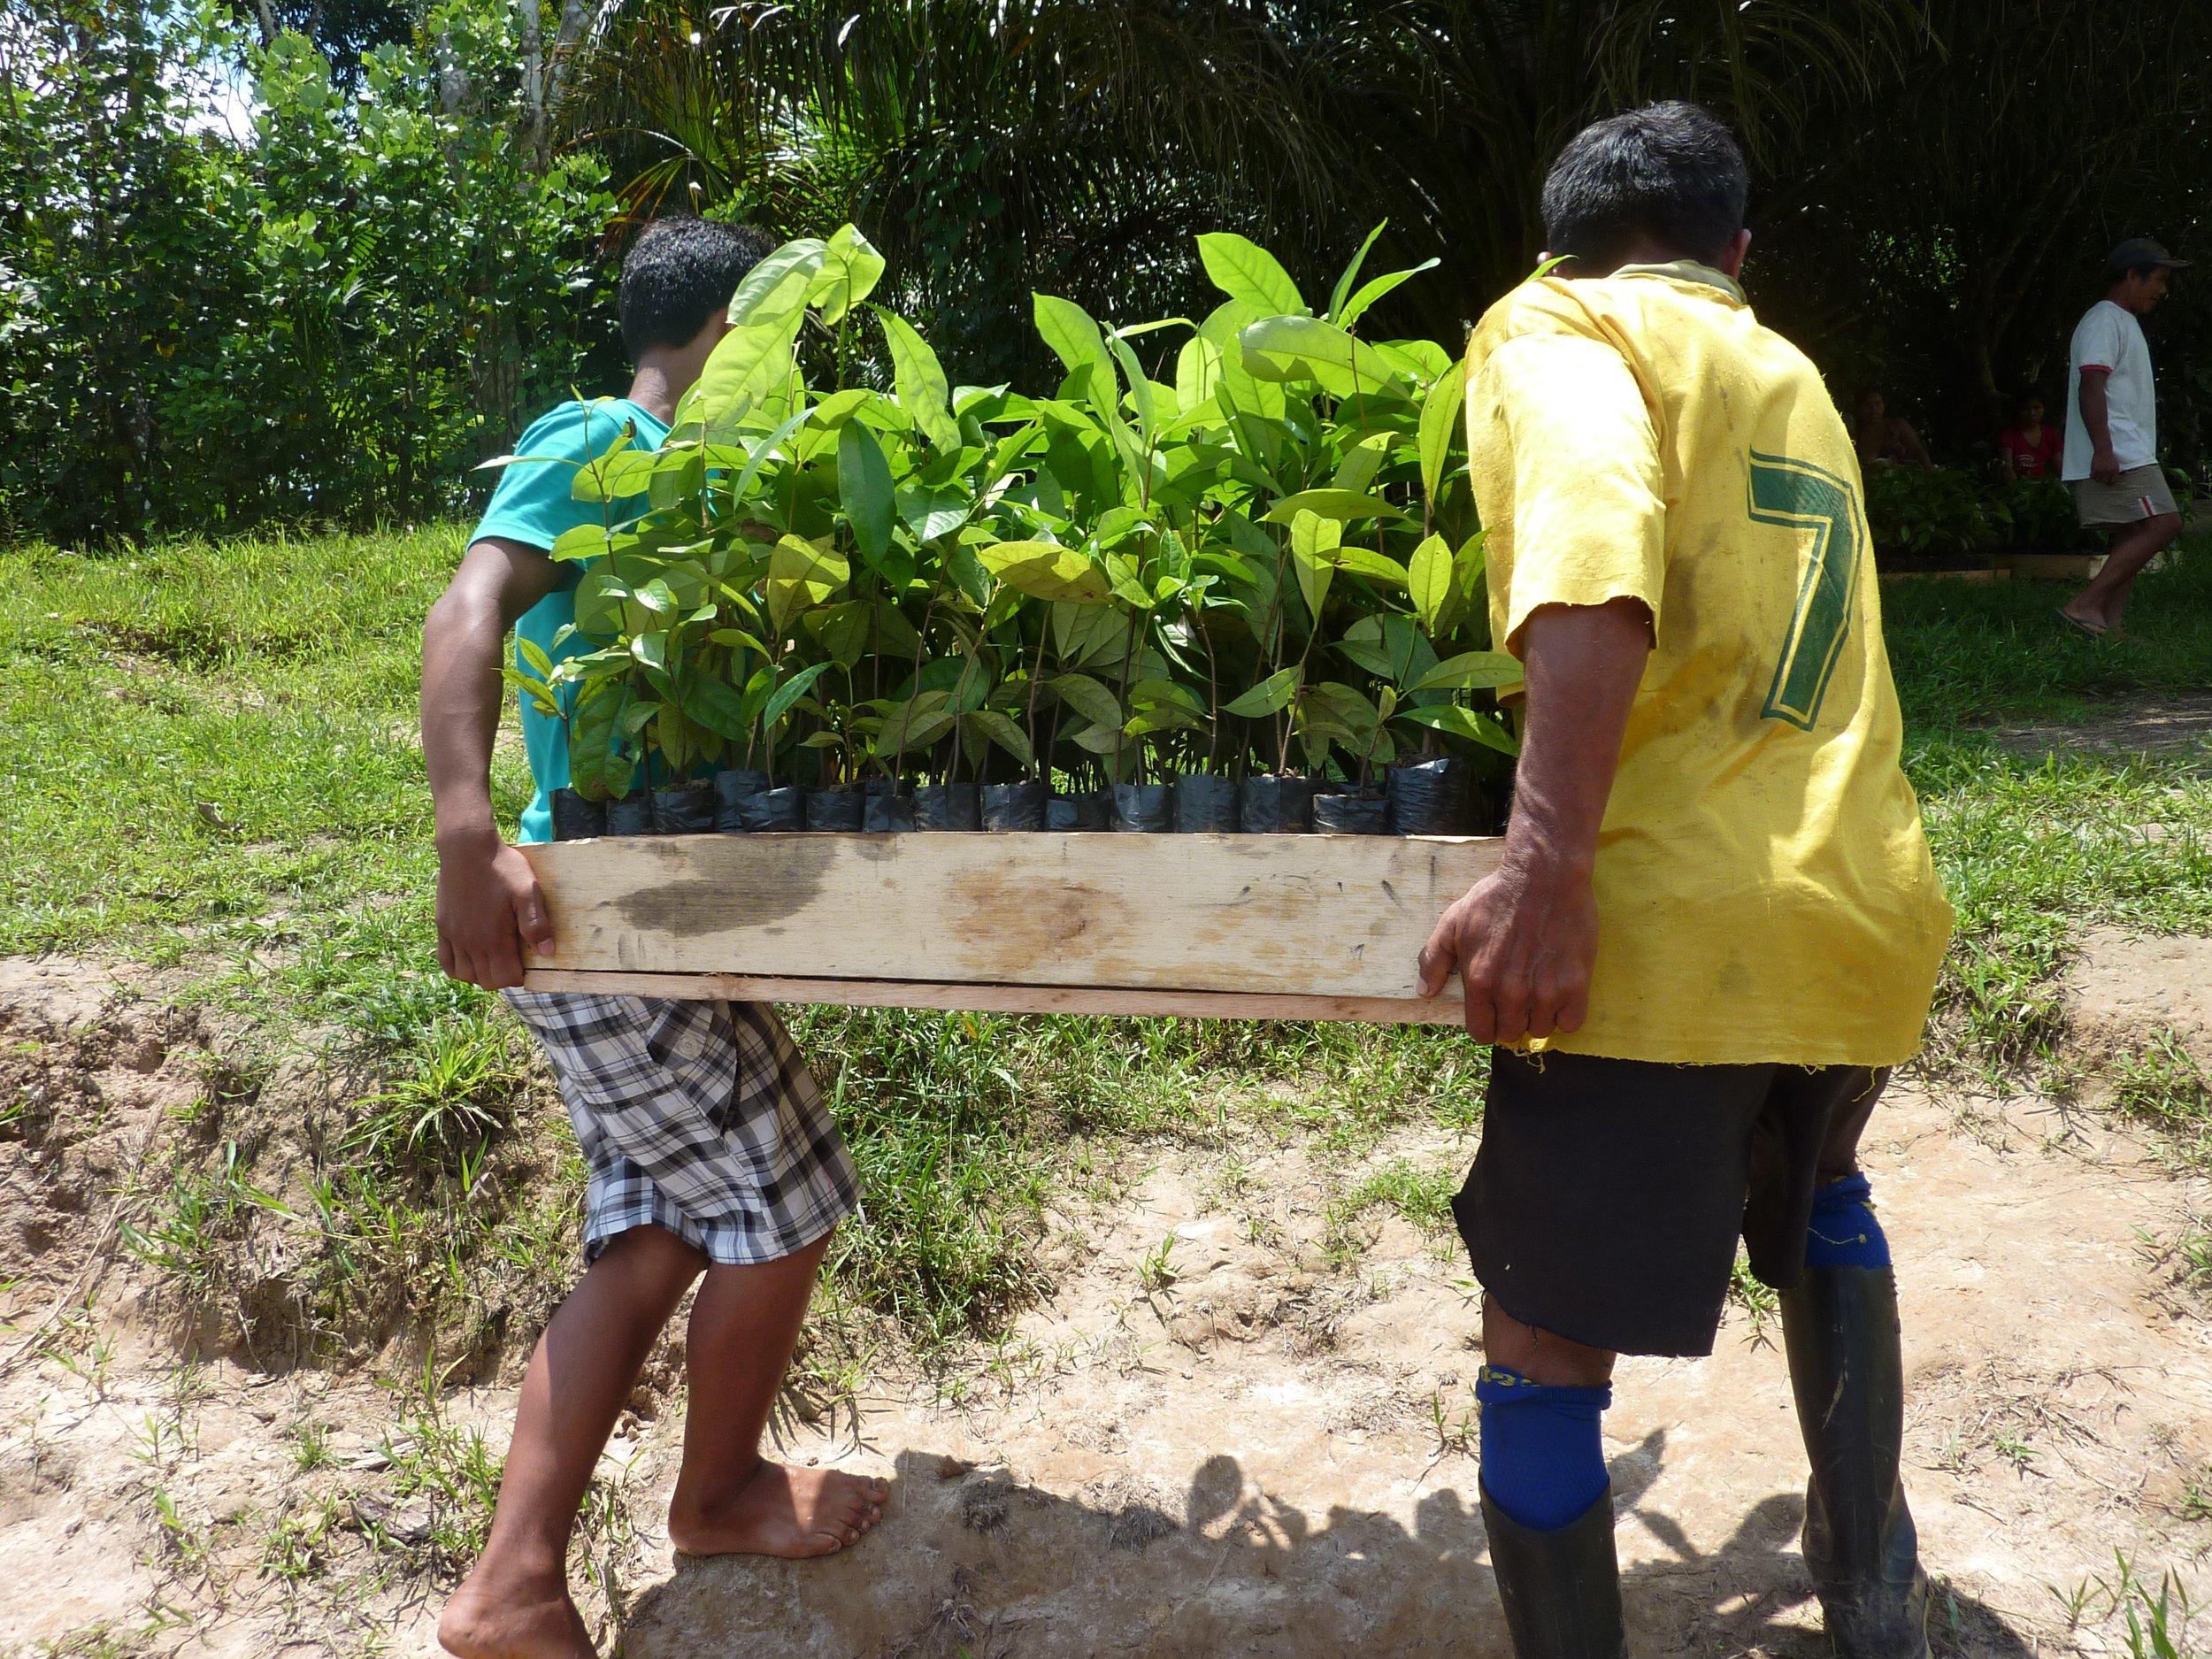 Reforestación comunitaria, vinculando los beneficios económicos y ecológicos de los árboles directamente a las personas